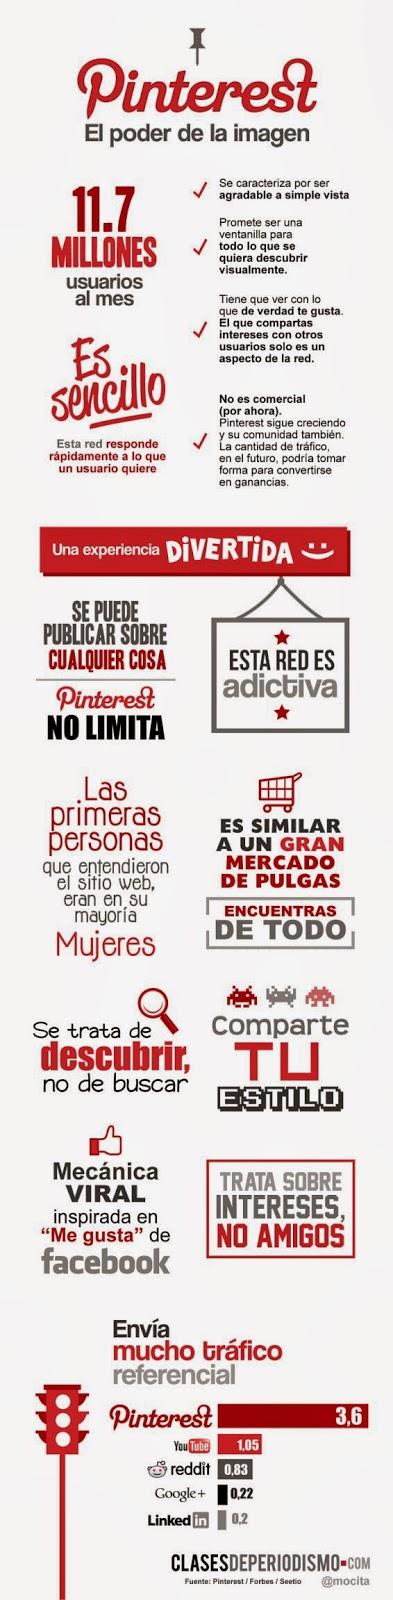 Infografía: Pinterest, el poder de la imagen.